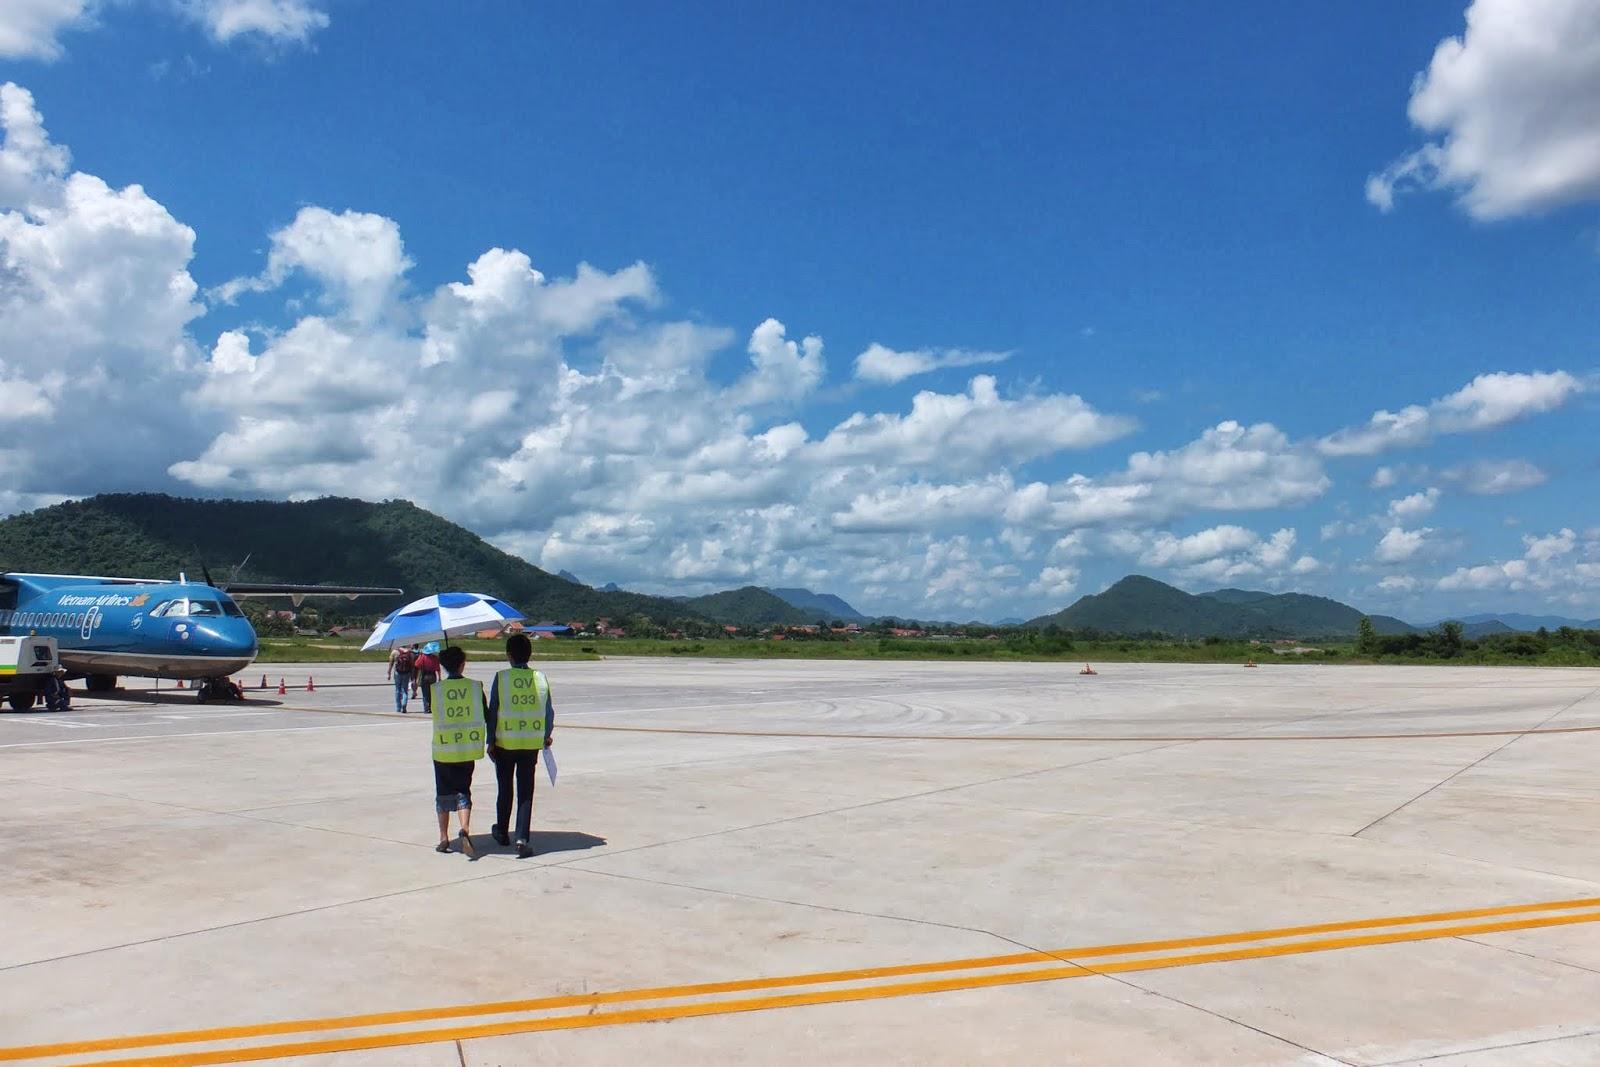 LuangPrabang-Airport ルアンパバーン空港3